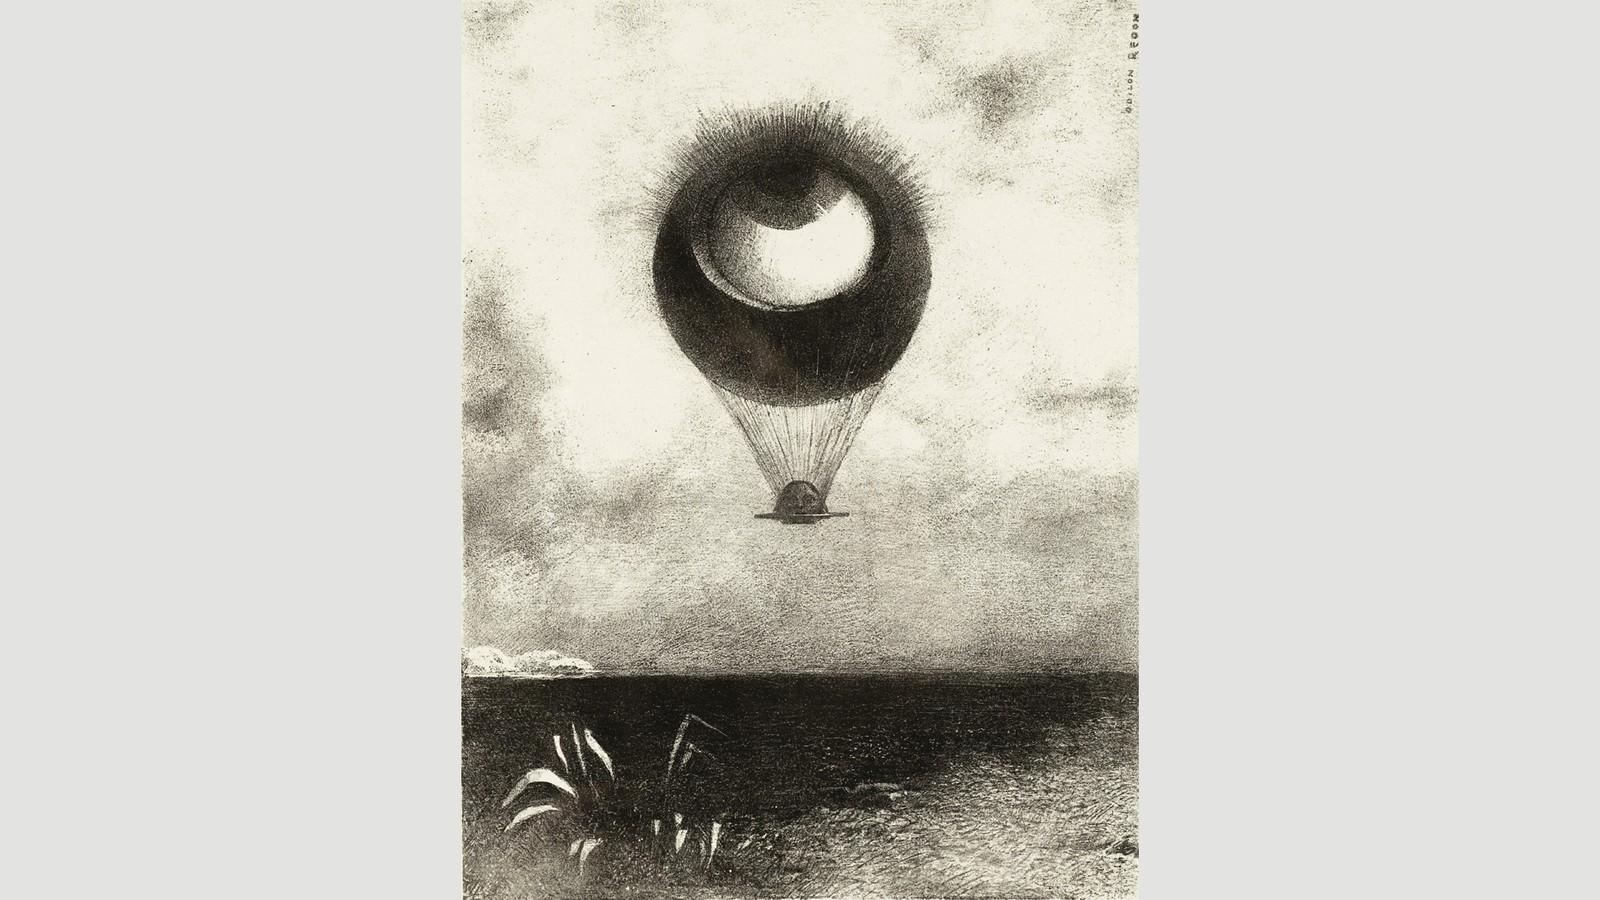 眼睛,像一個奇怪的氣球,飛向無限,雷登對超現實主義者產生了影響。